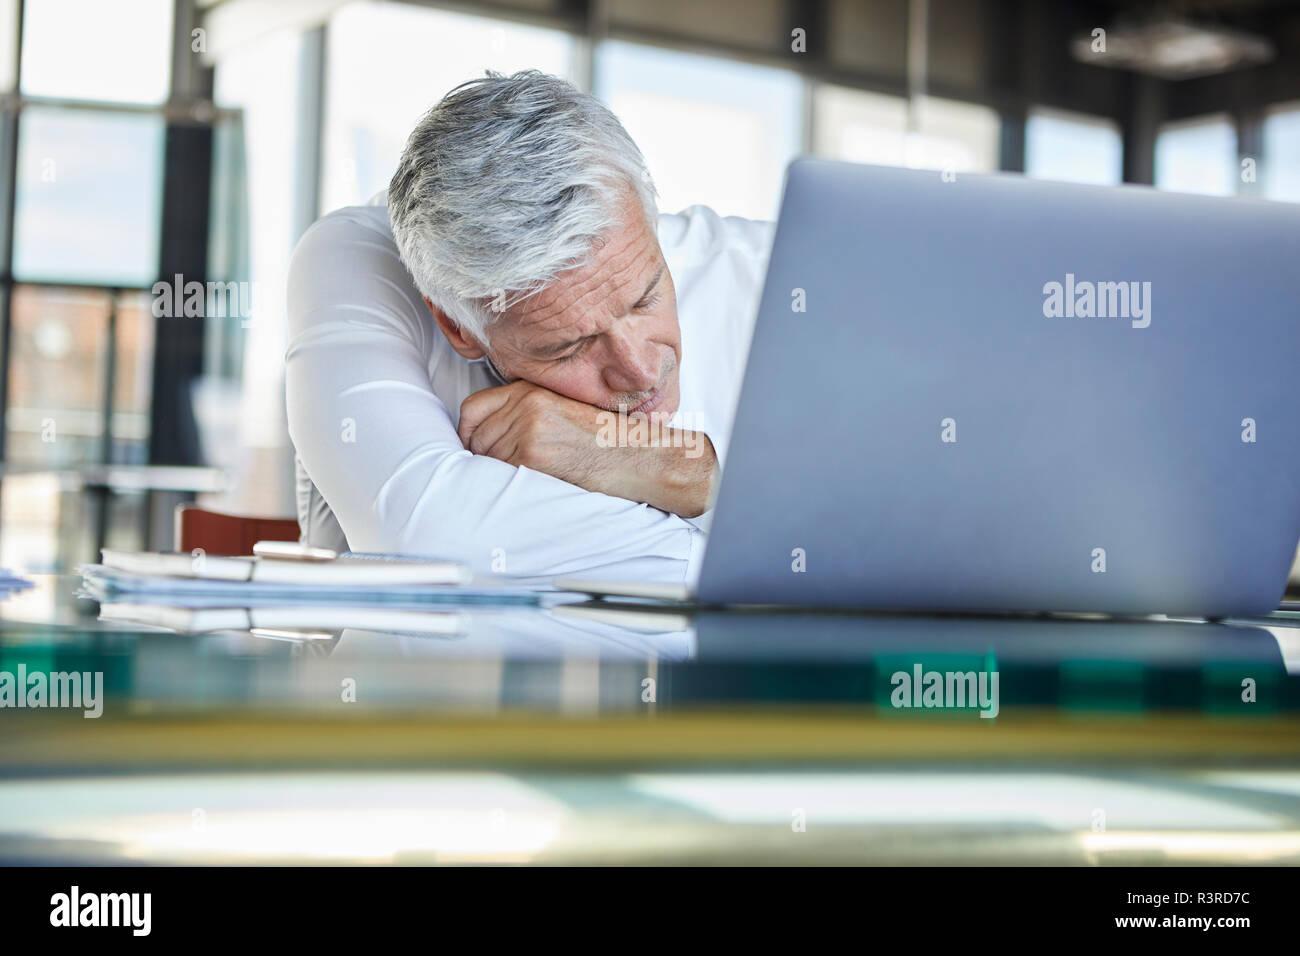 Erschöpft Geschäftsmann schlafen vor Laptop Stockfoto